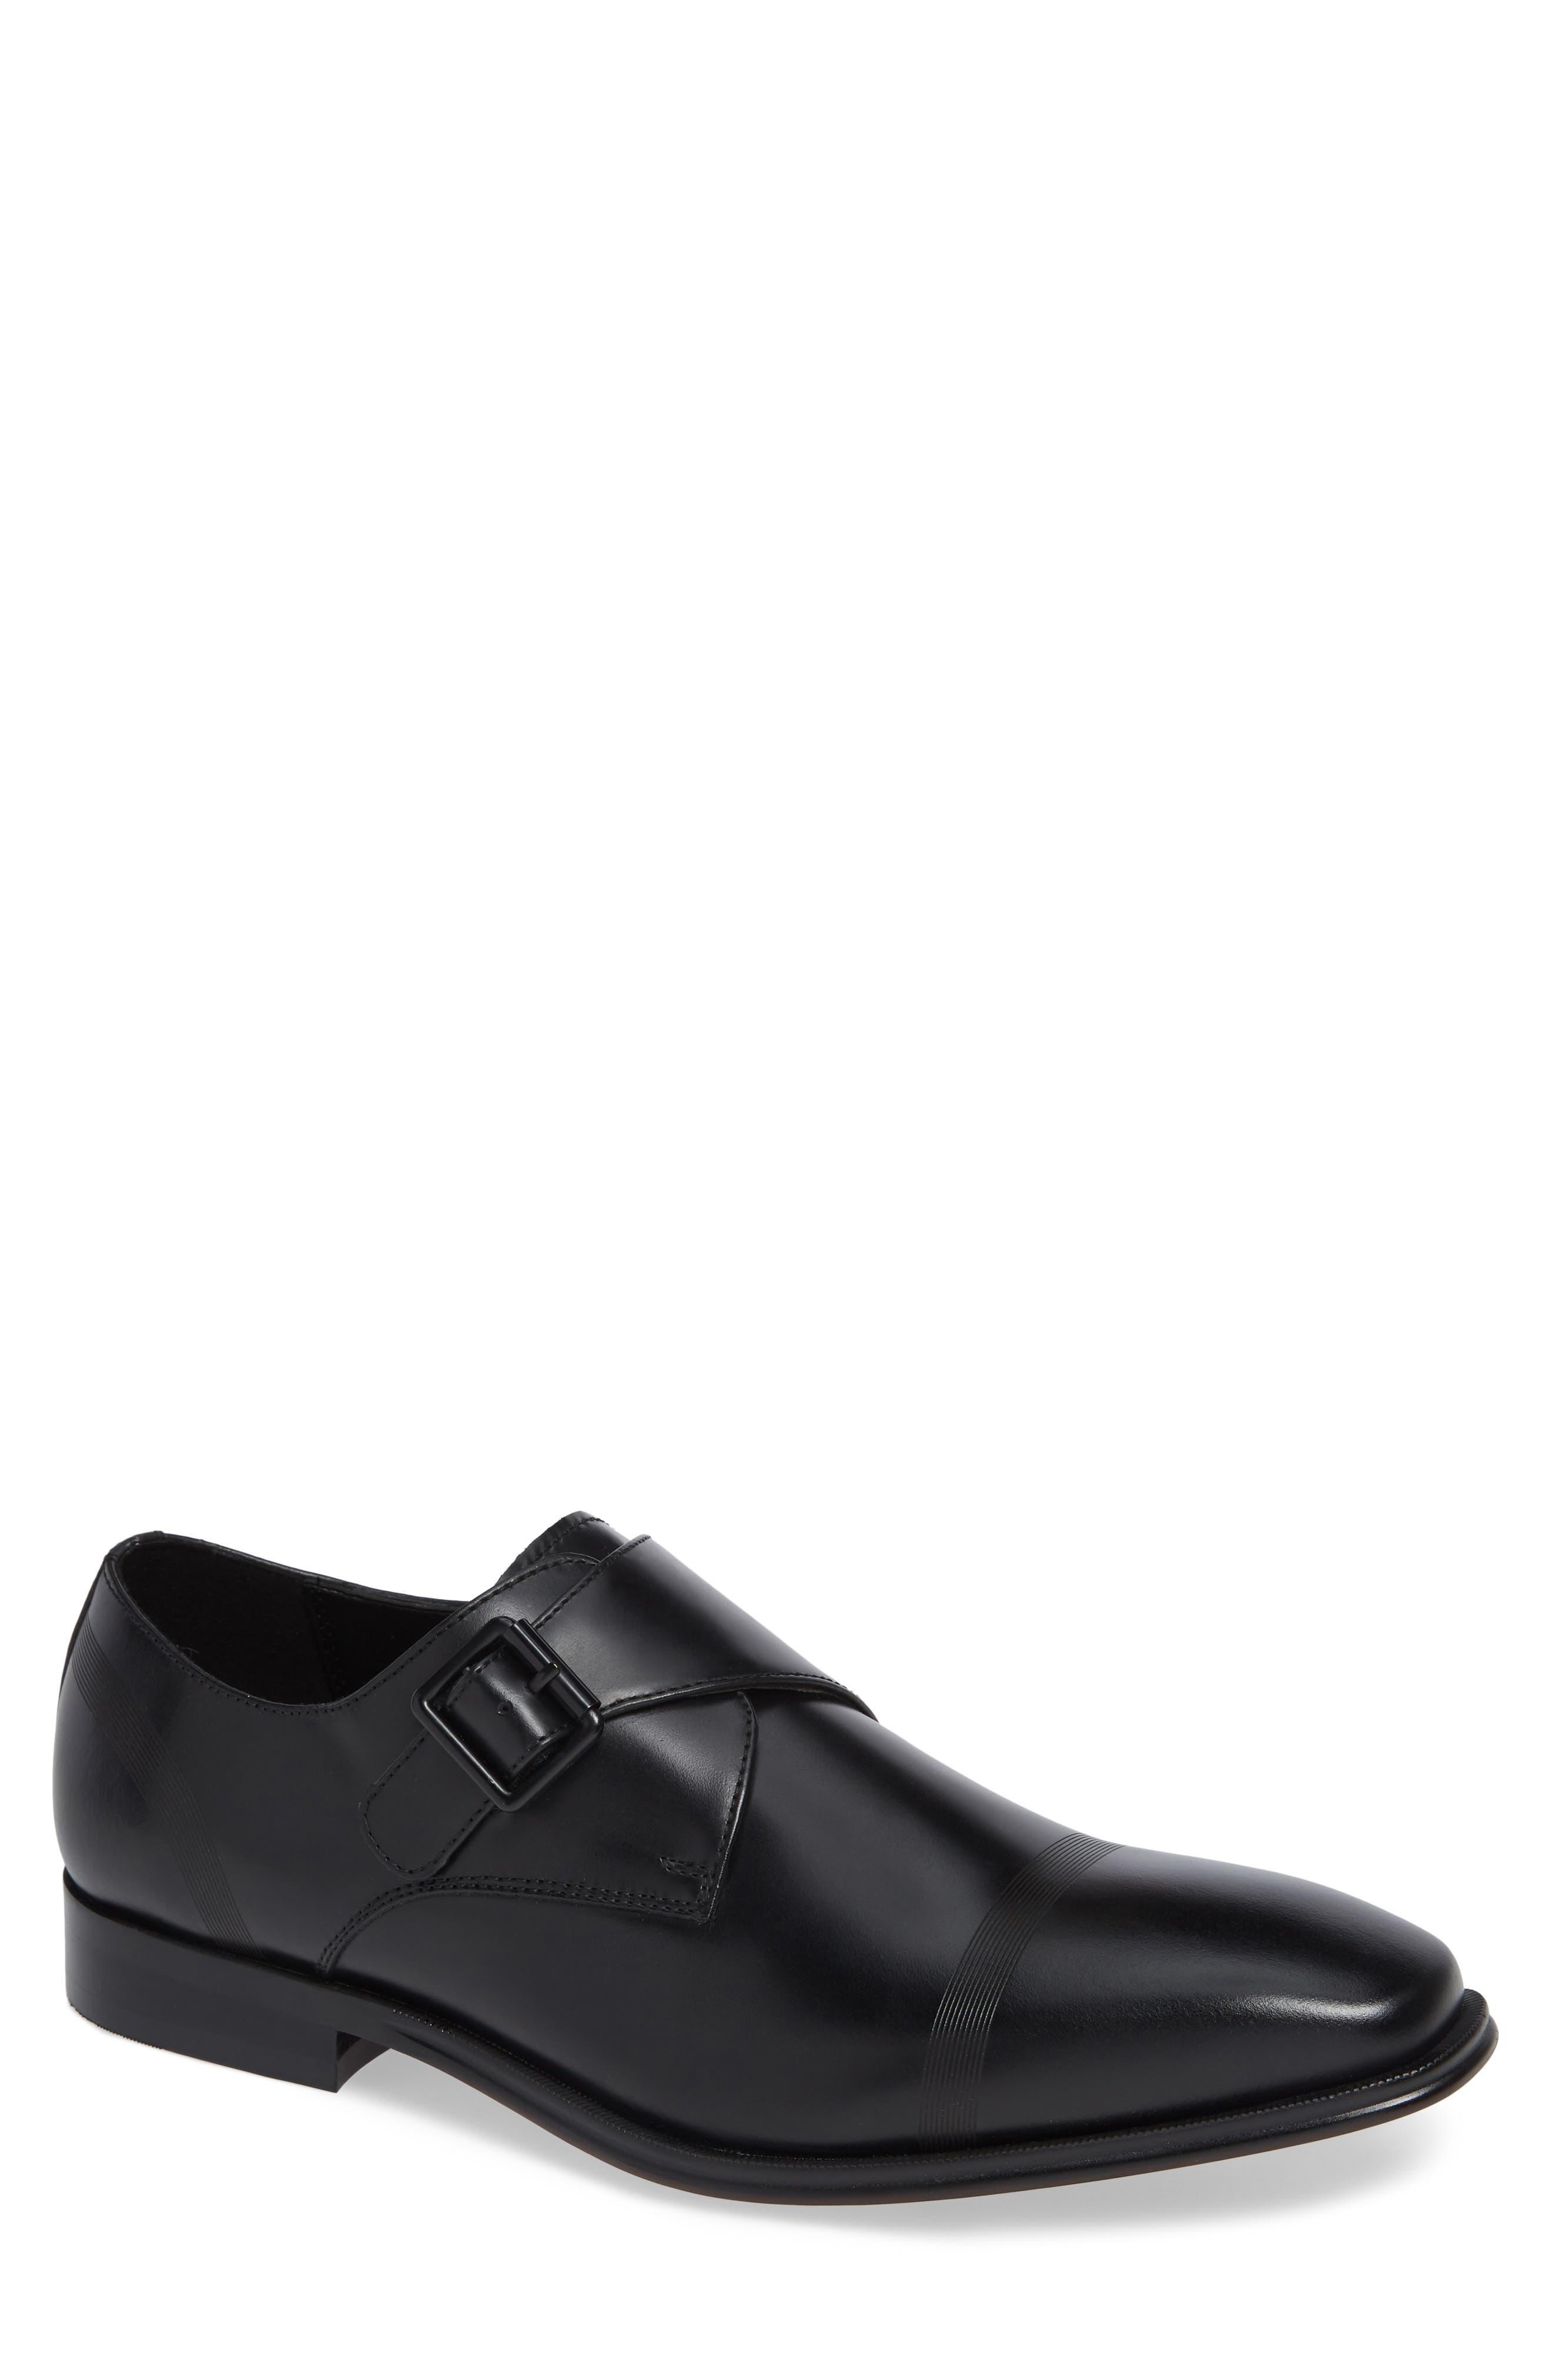 Pure Monk B Monk Shoe,                         Main,                         color, BLACK LEATHER